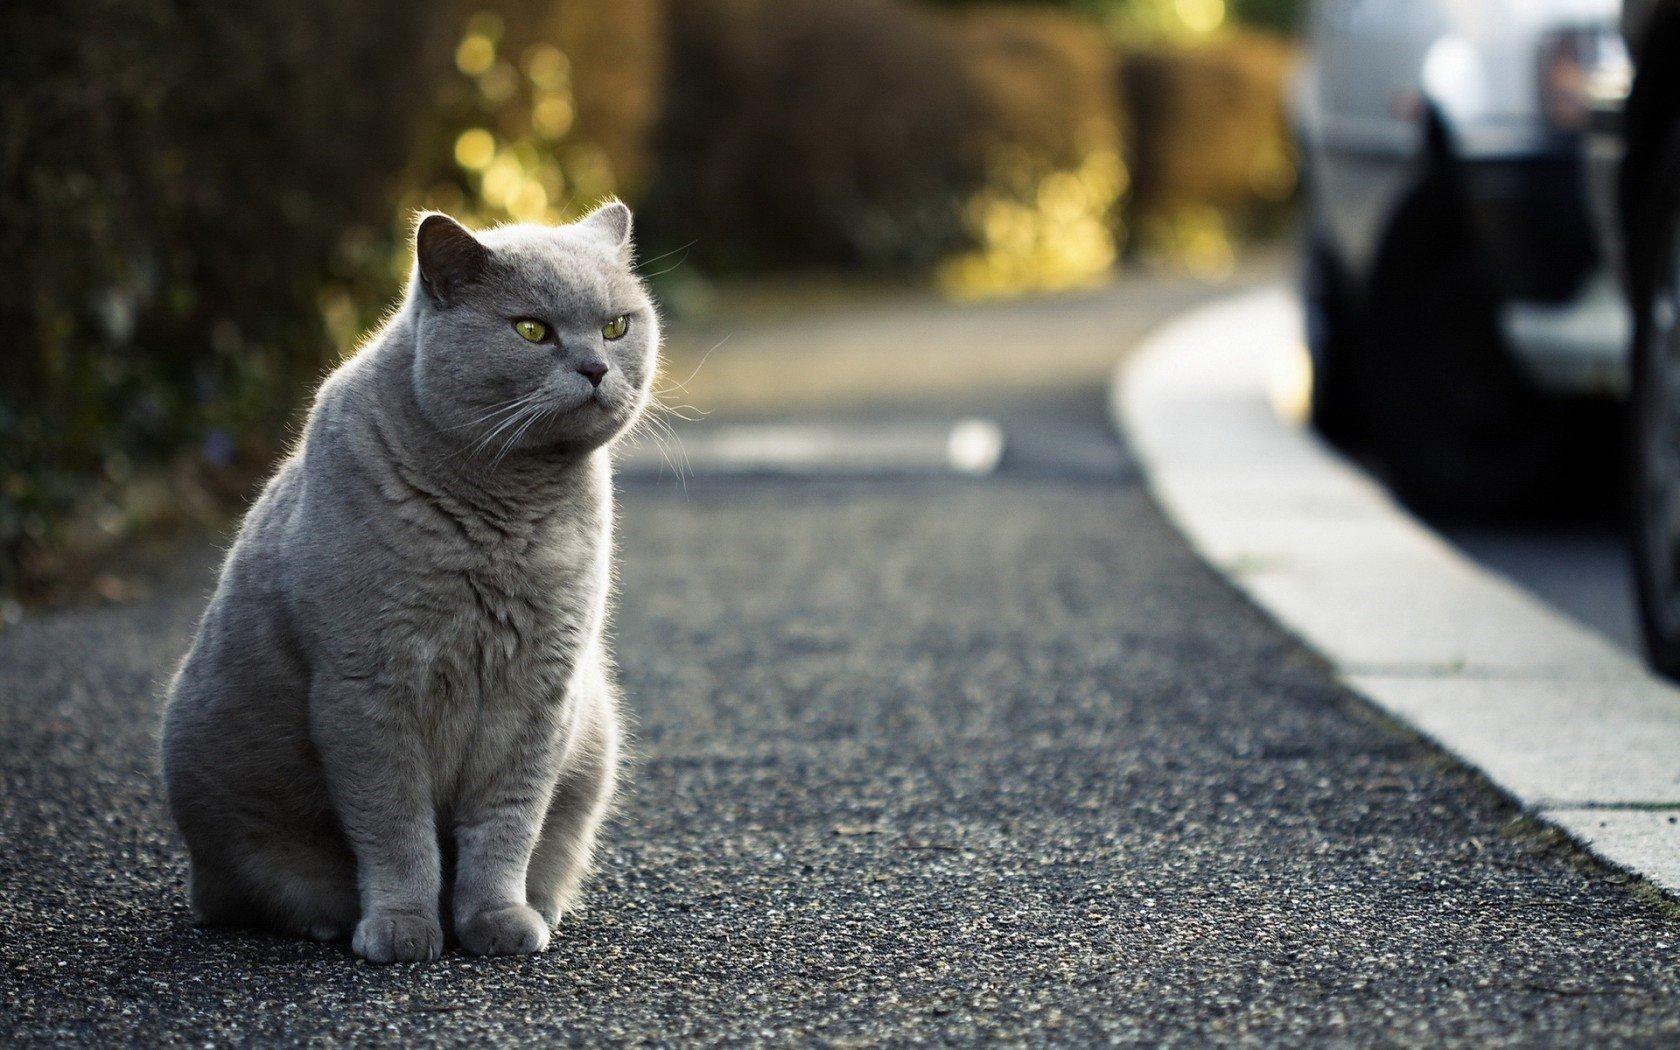 Mèo Anh lông ngắn là giống mèo quý, có giá khá đắt đỏ